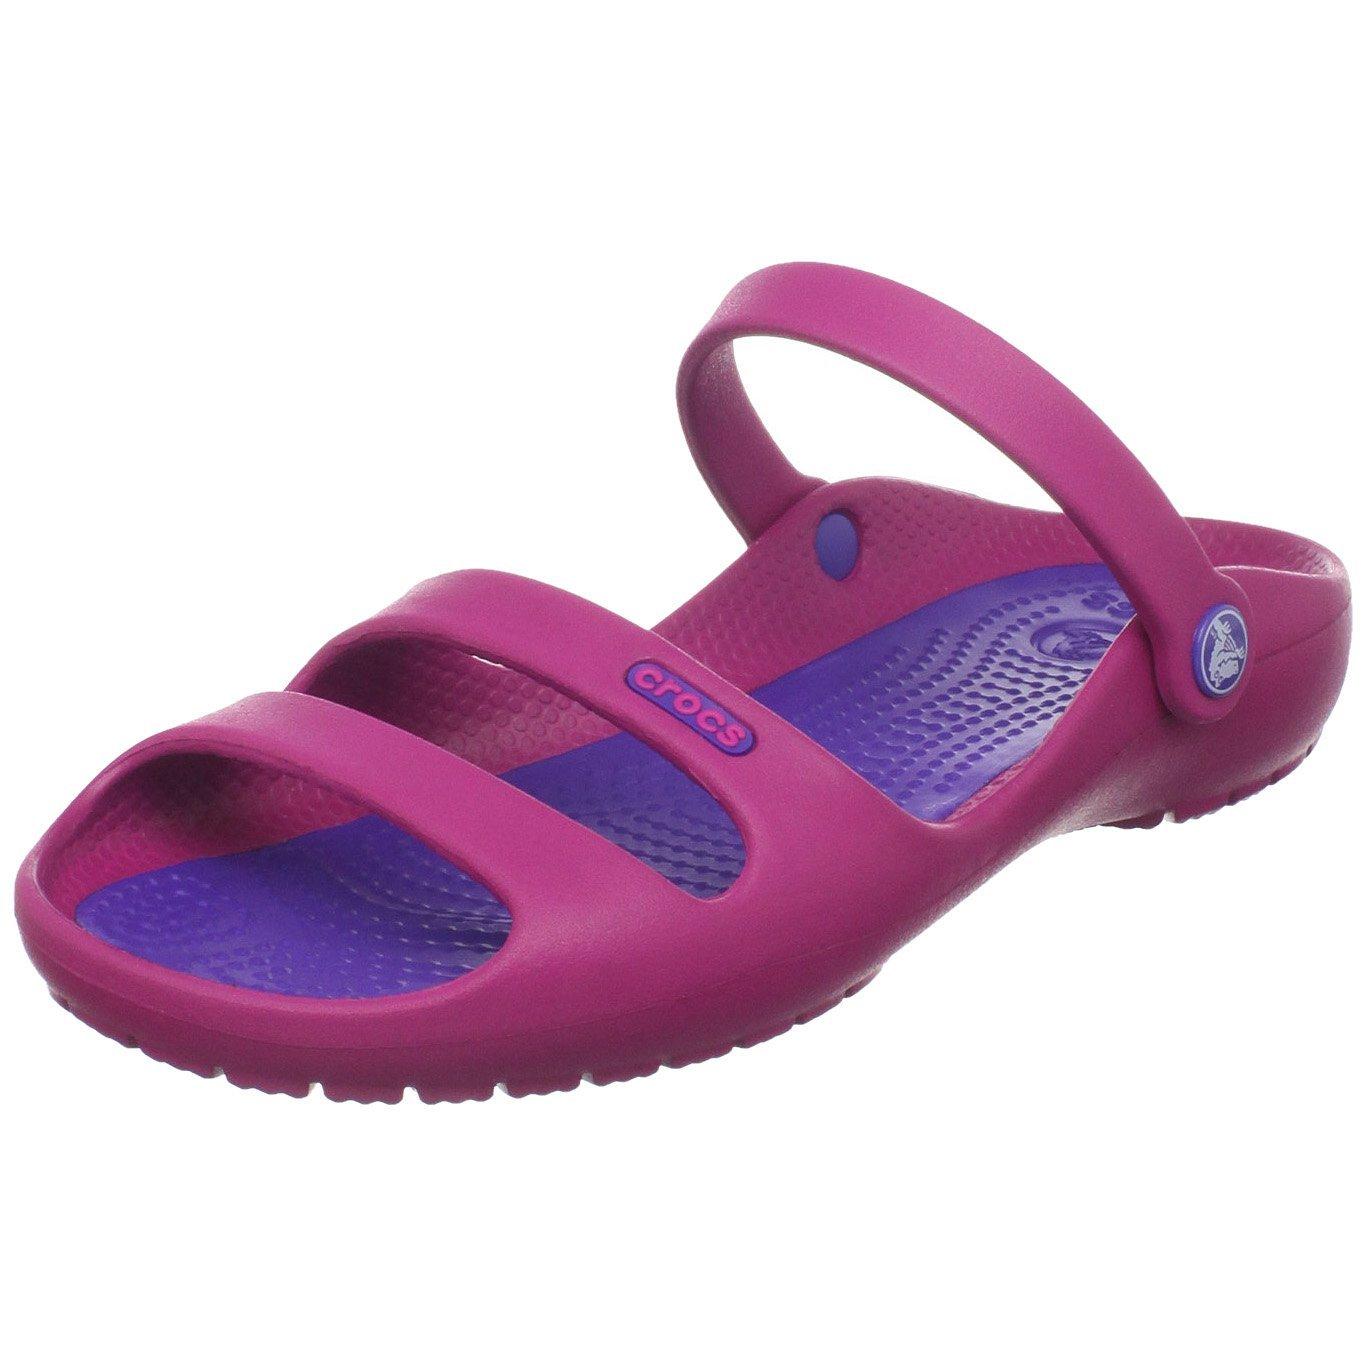 f3a4108cfd21 Crocs Shoes  Crocs Women s Cleo II Slingback Sandal